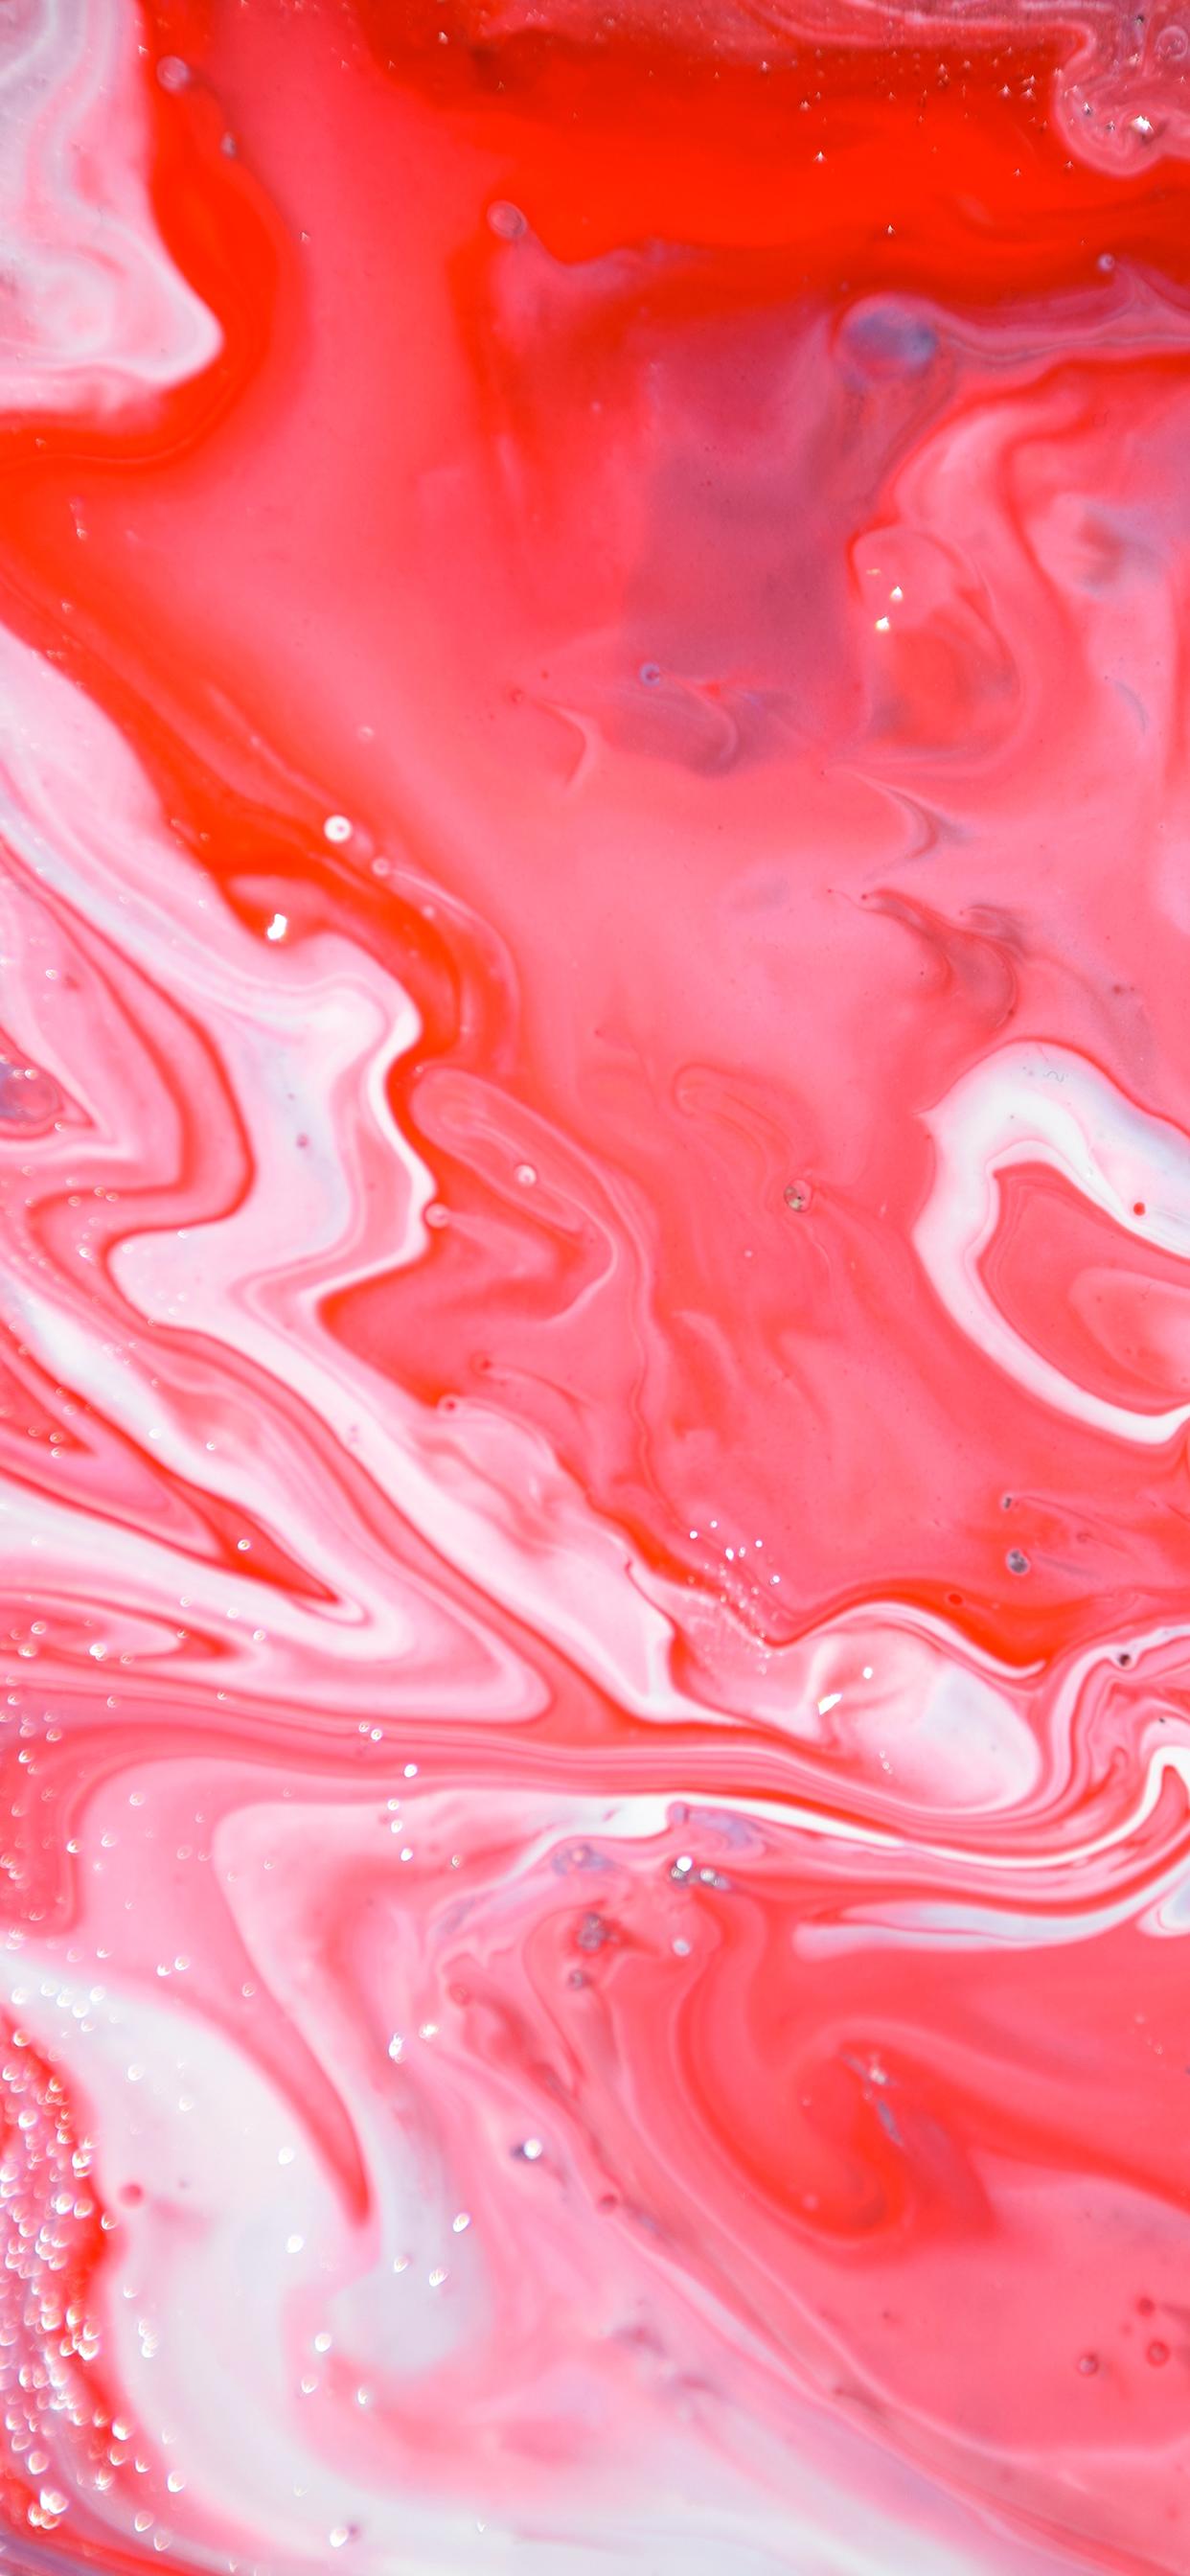 iPhone wallpaper abstract liquid pink Fonds d'écran iPhone du 22/11/2018